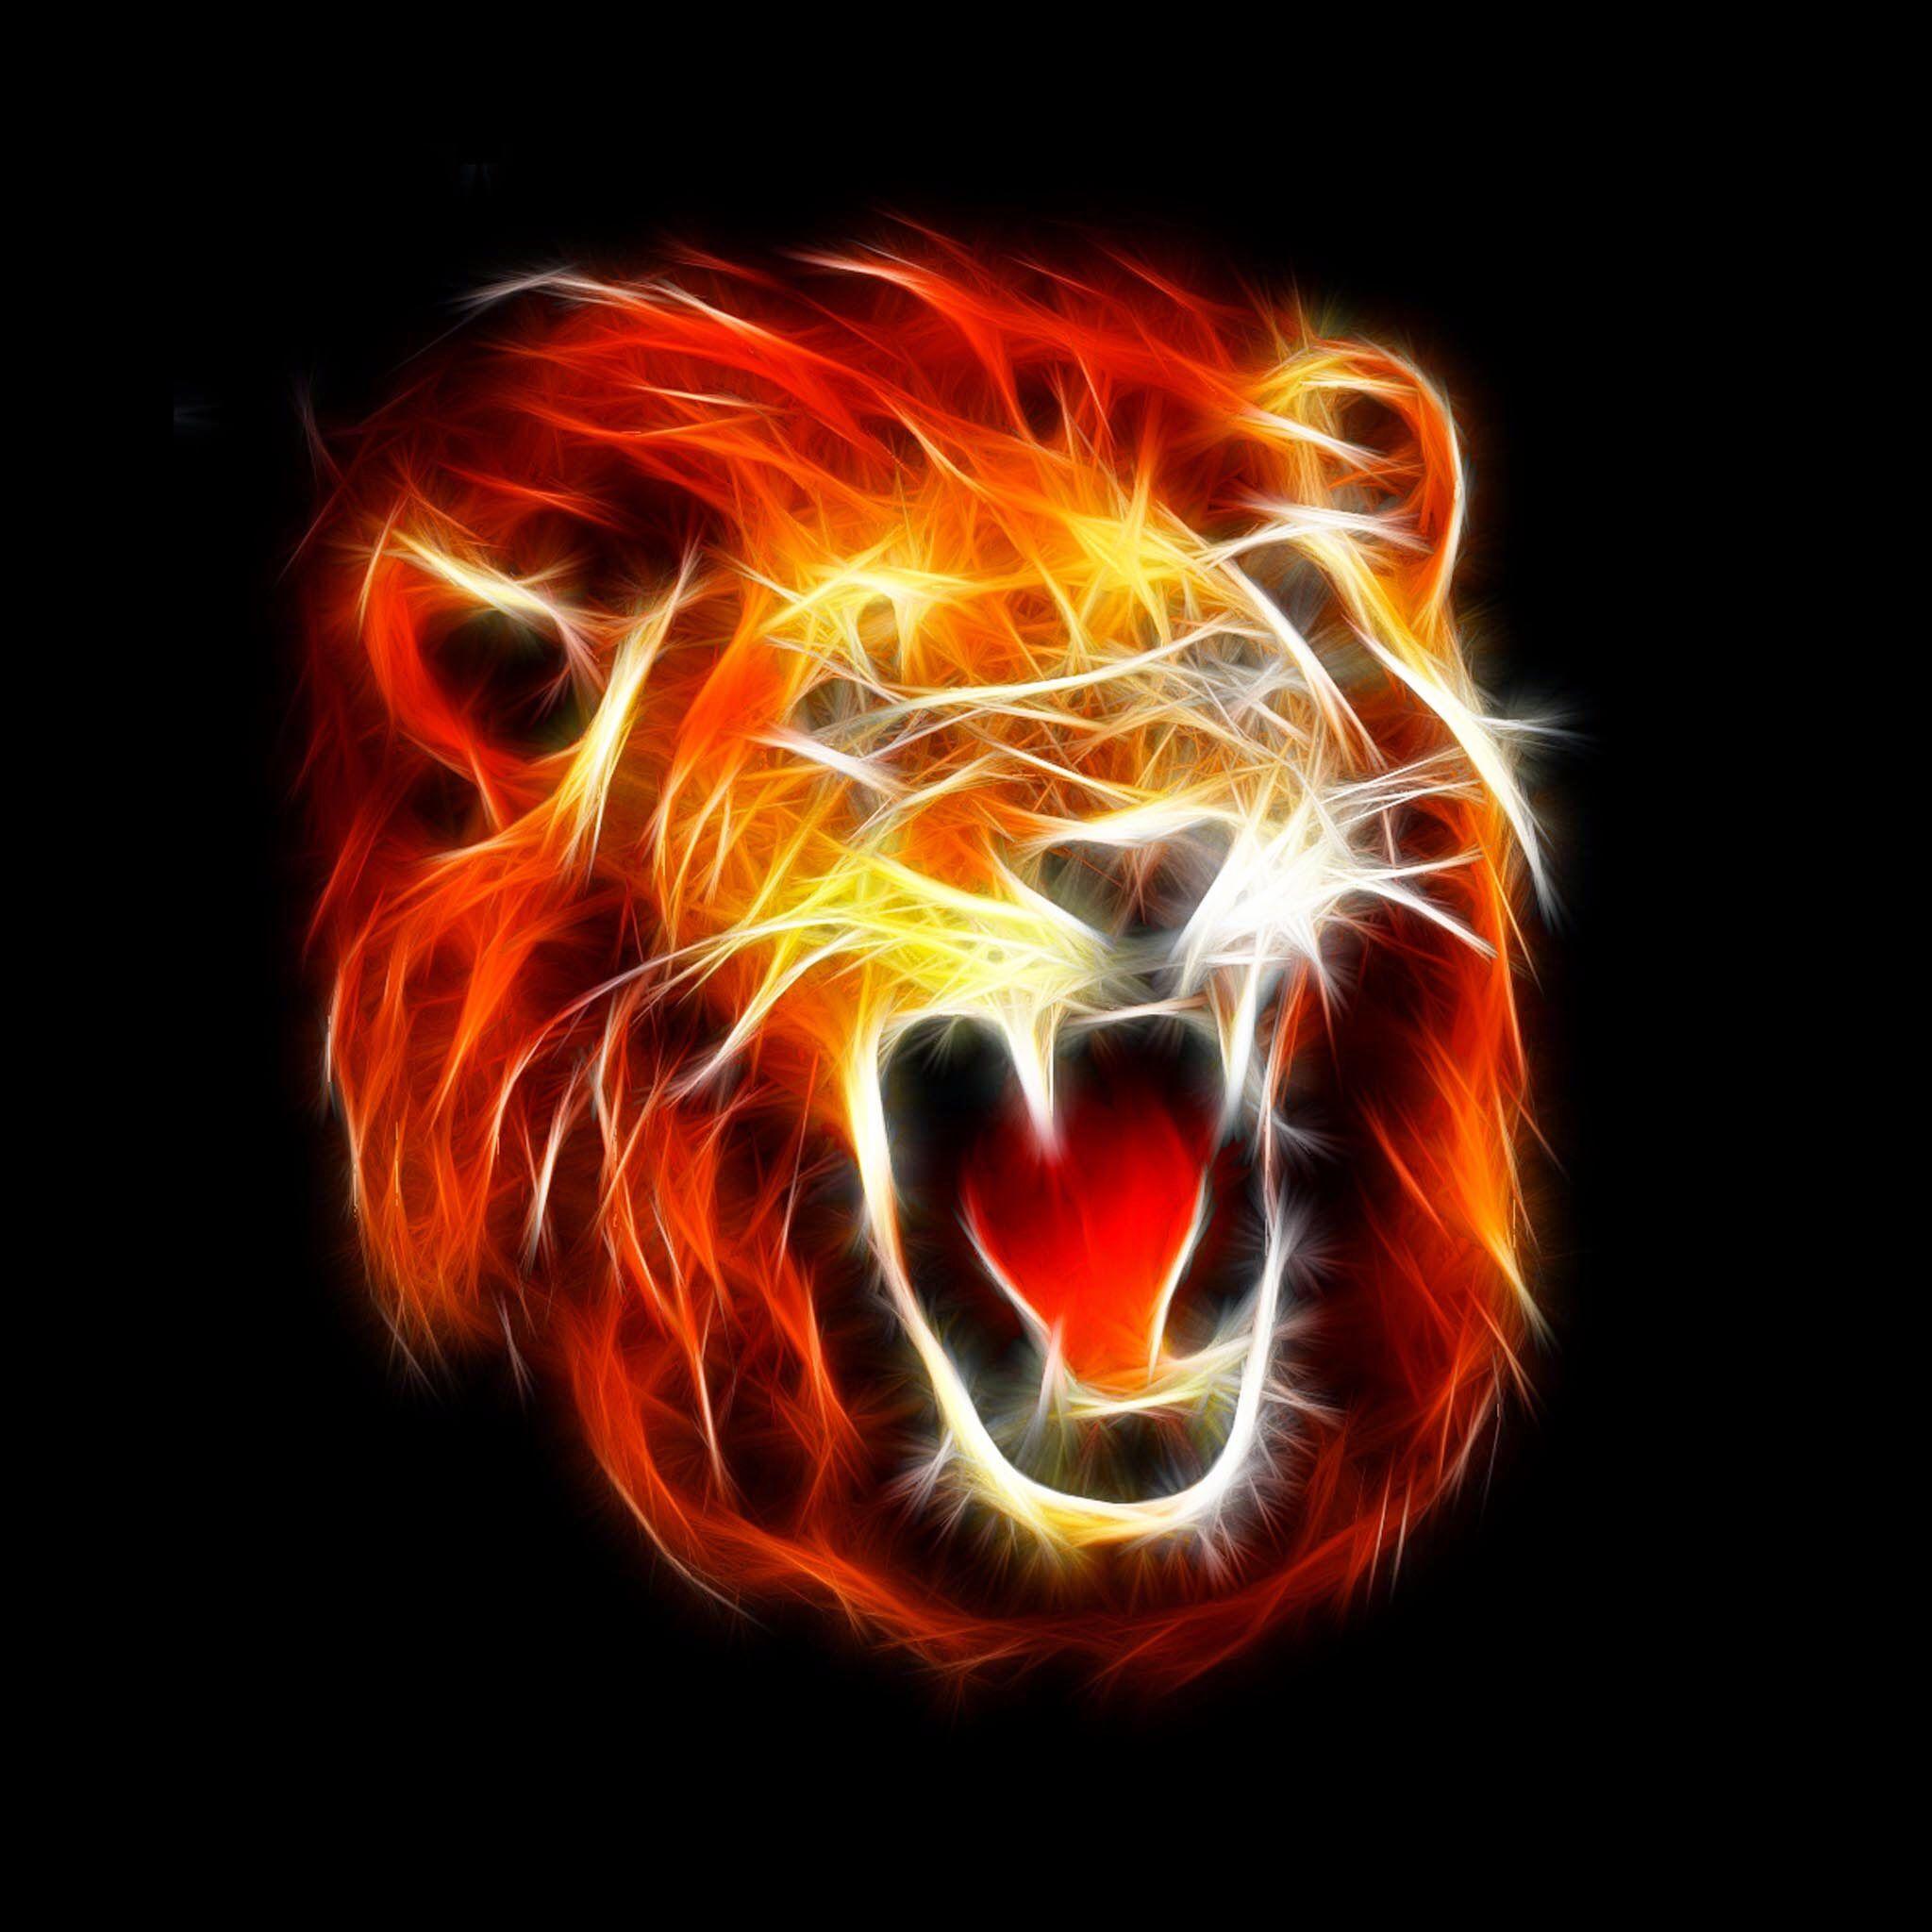 Photo Wallpaper Lion Wallpaper Lion Artwork Lion Pictures Fire lion wallpaper hd download